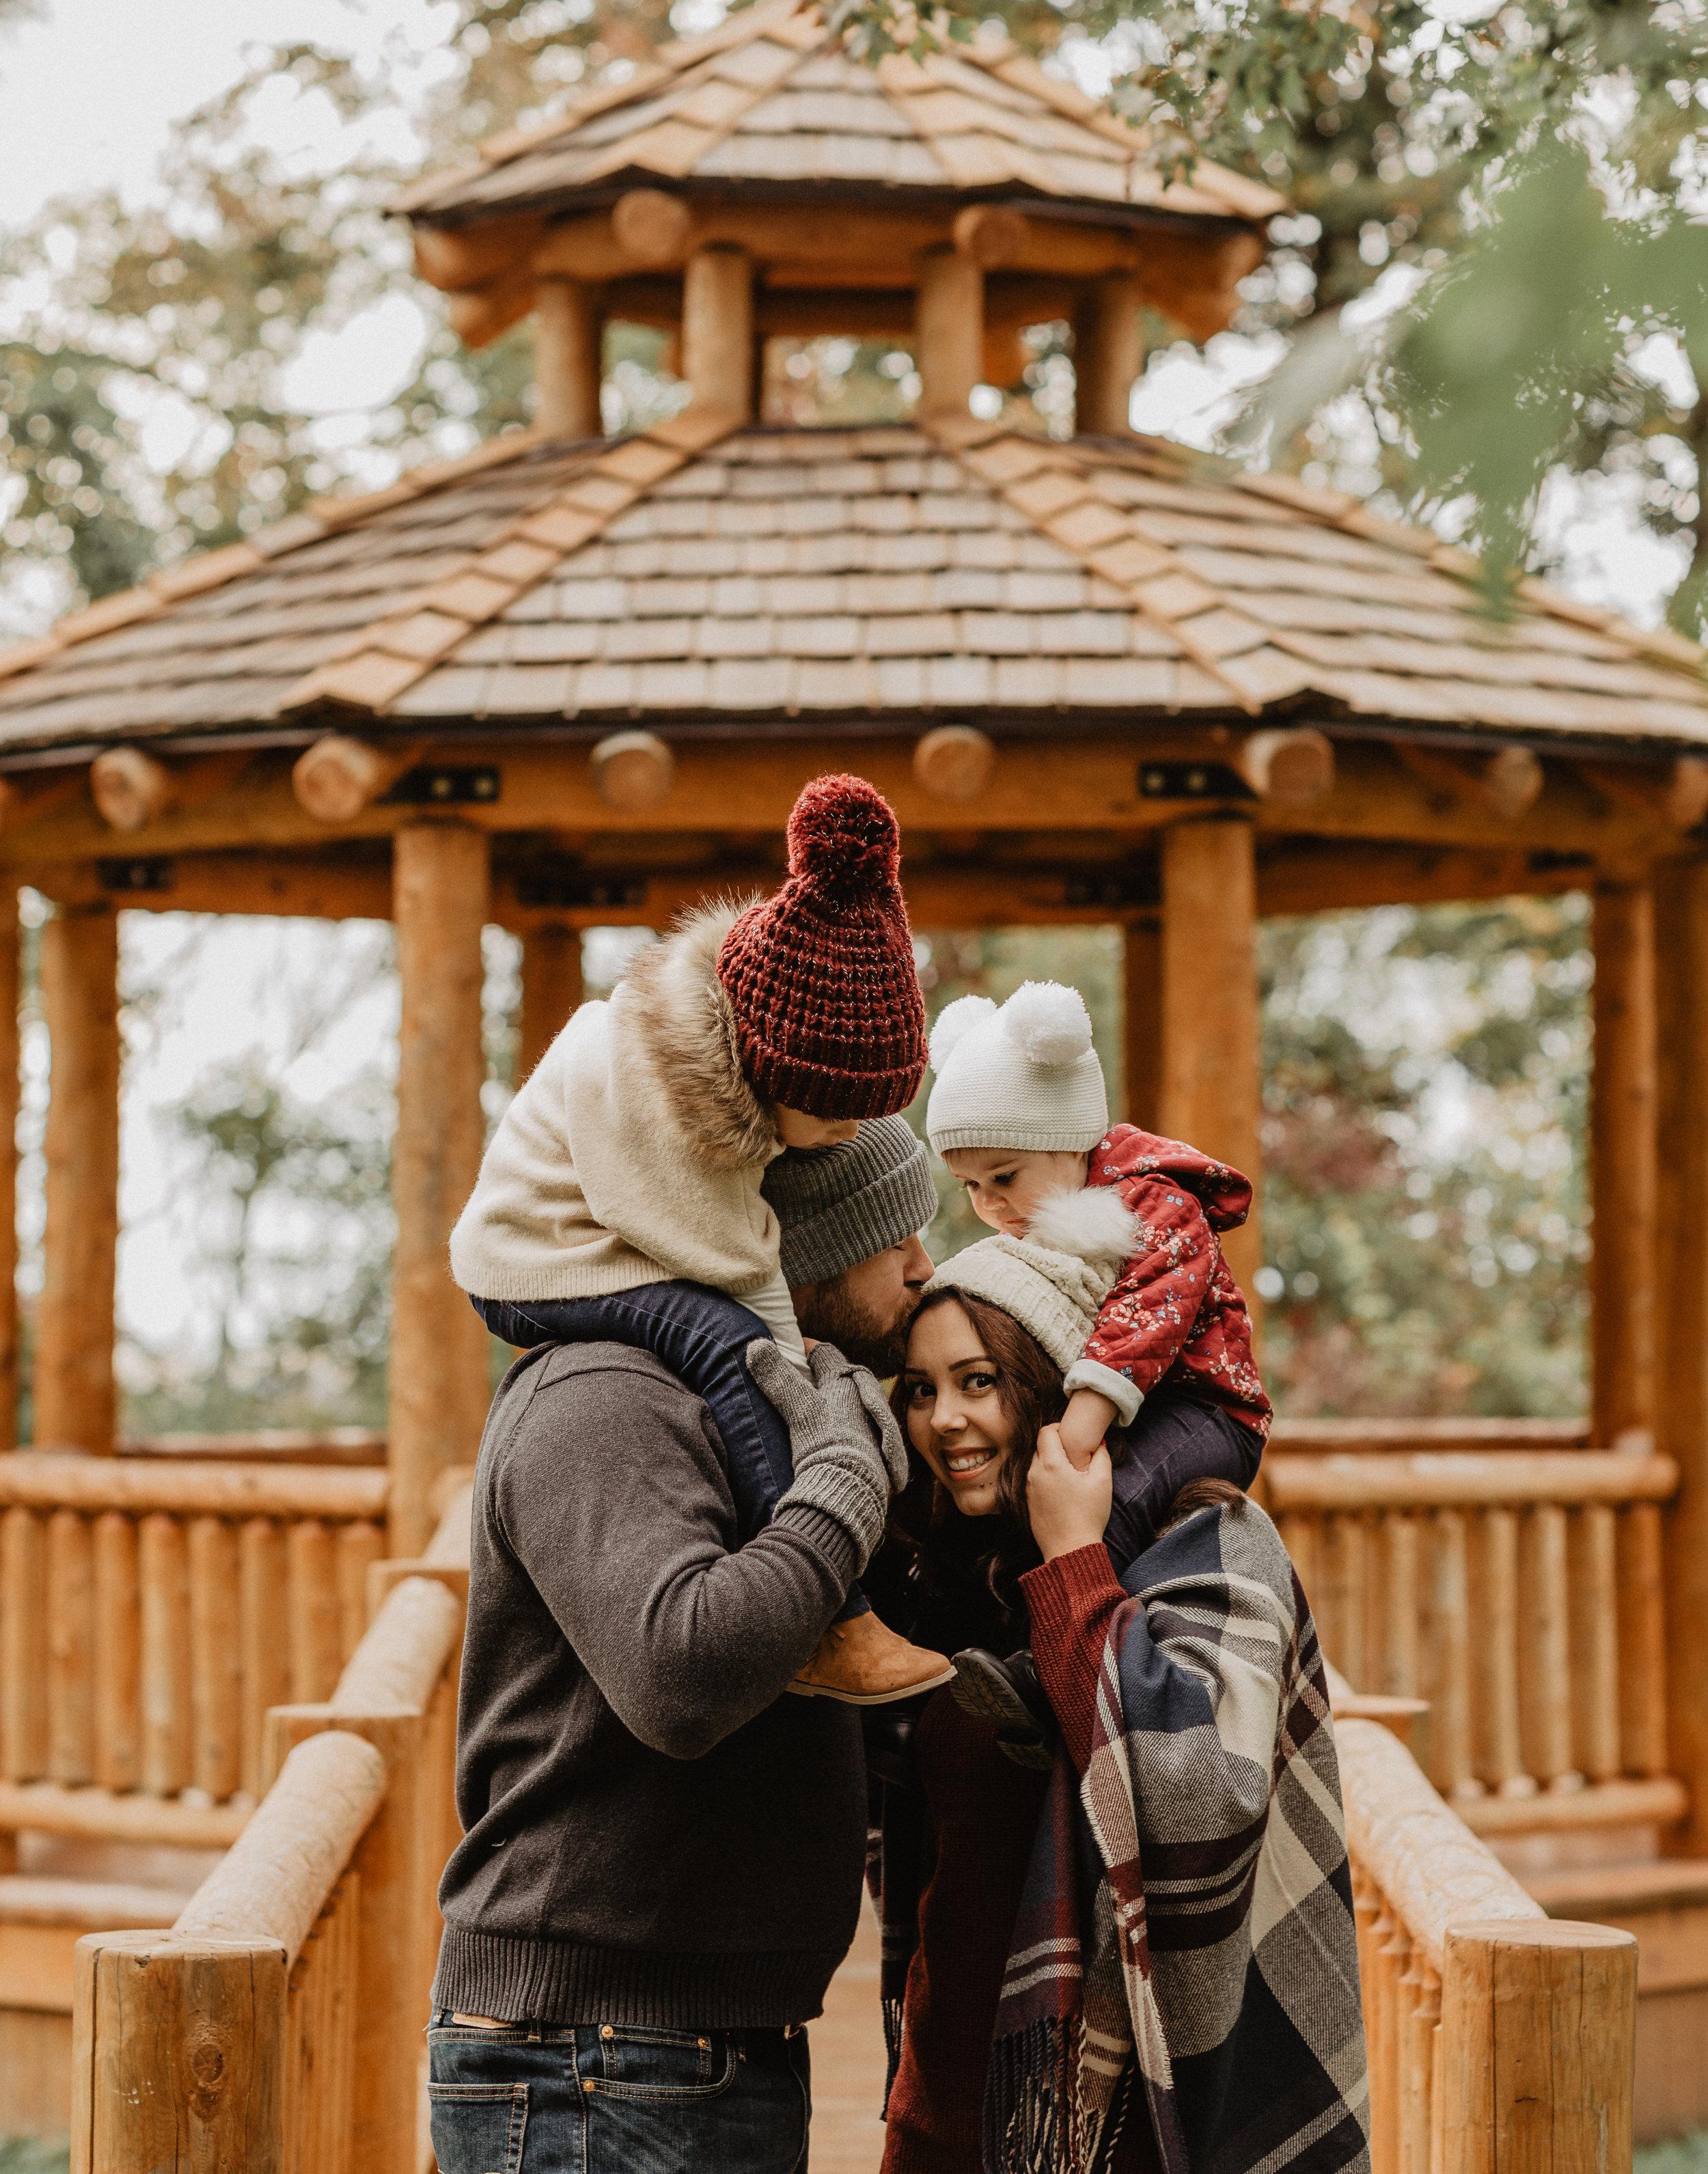 The Dudziak Family